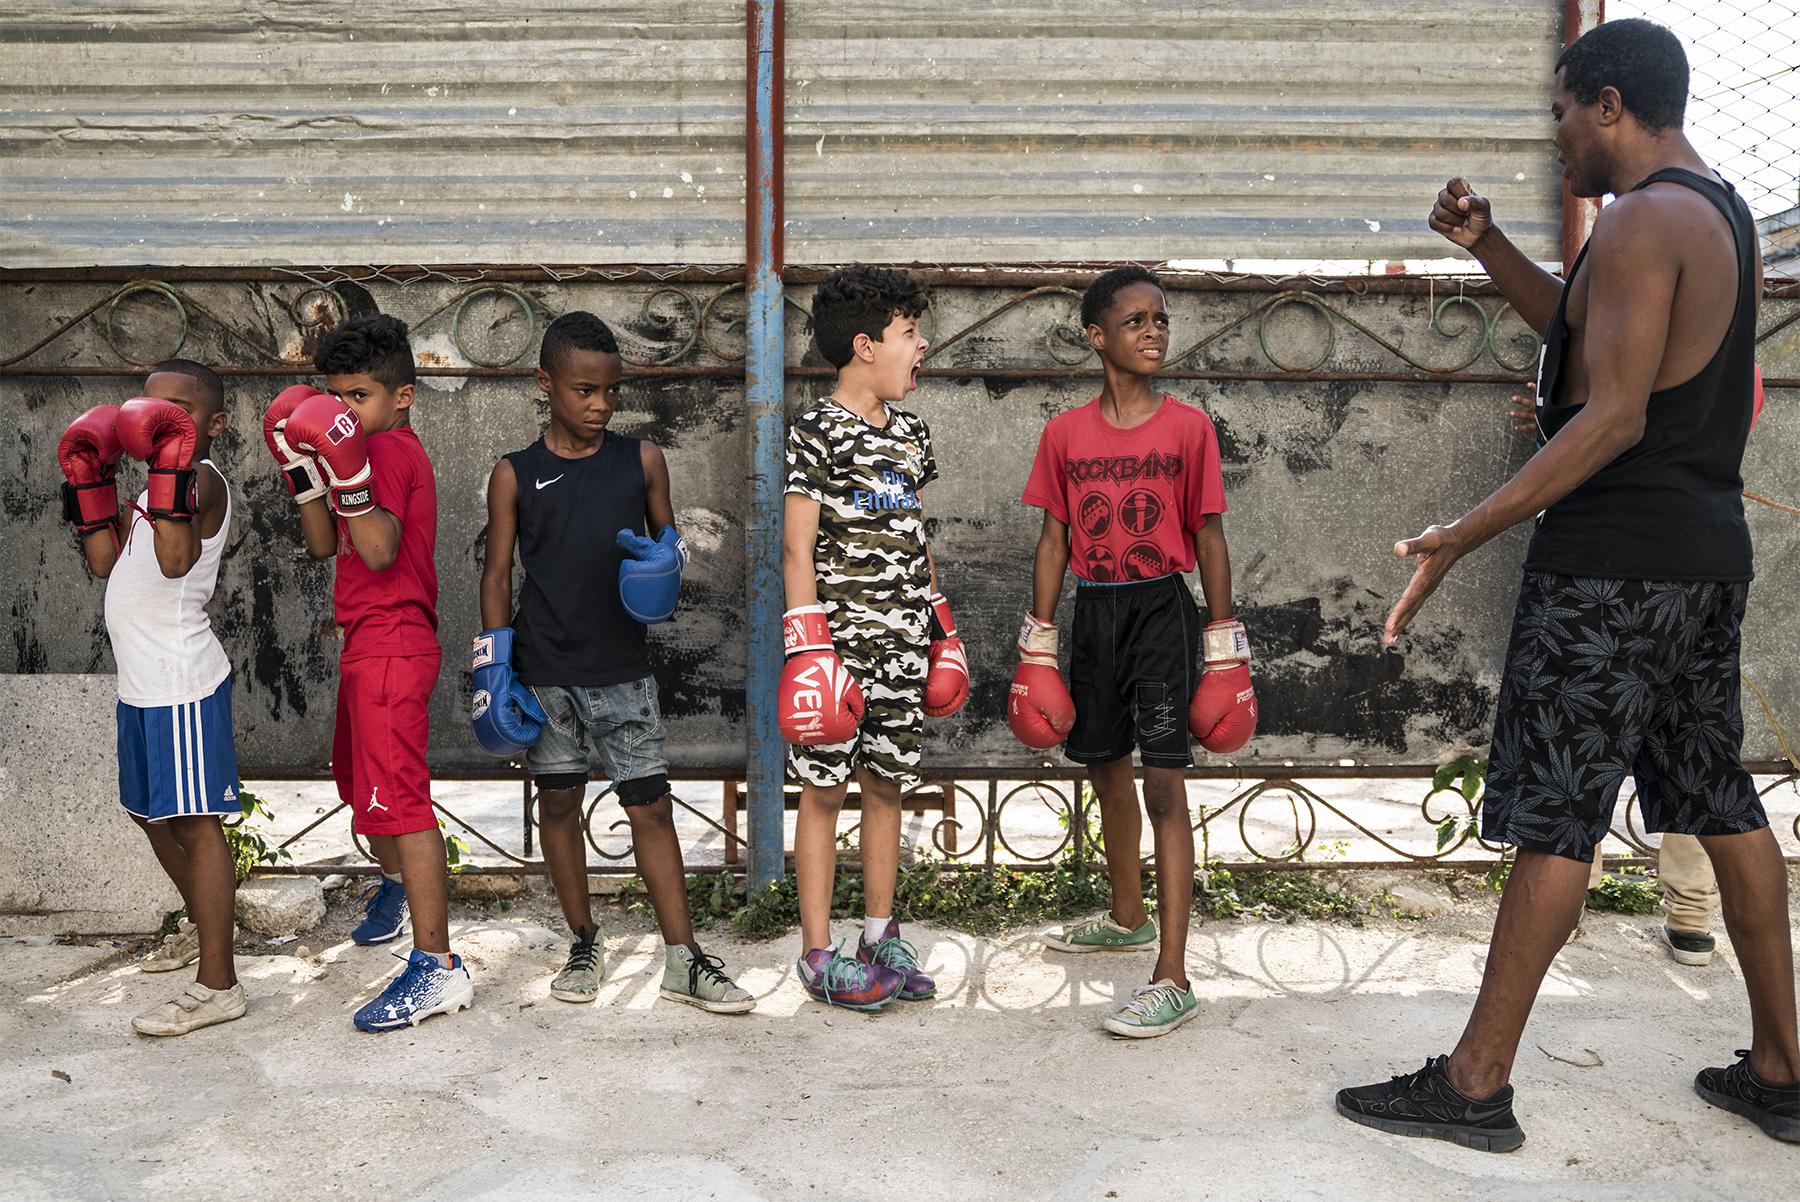 Boxing_Havana_2018_APR_LGP_6608_4x6.jpg